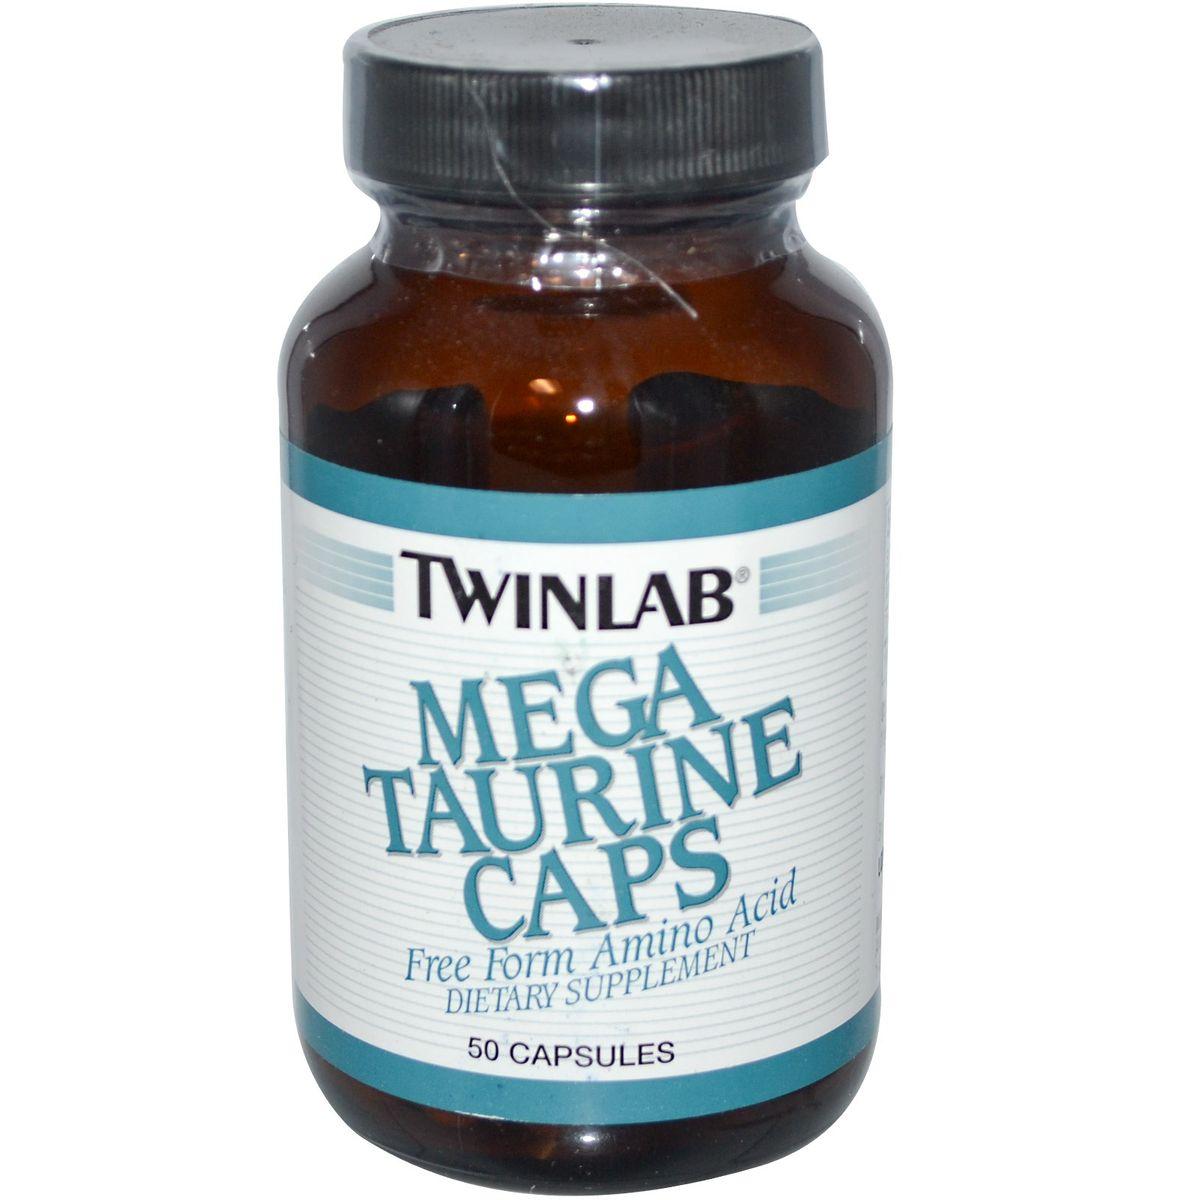 Таурин Twinlab Me гa Taurine, 50 капсул ( 0027434001984 )